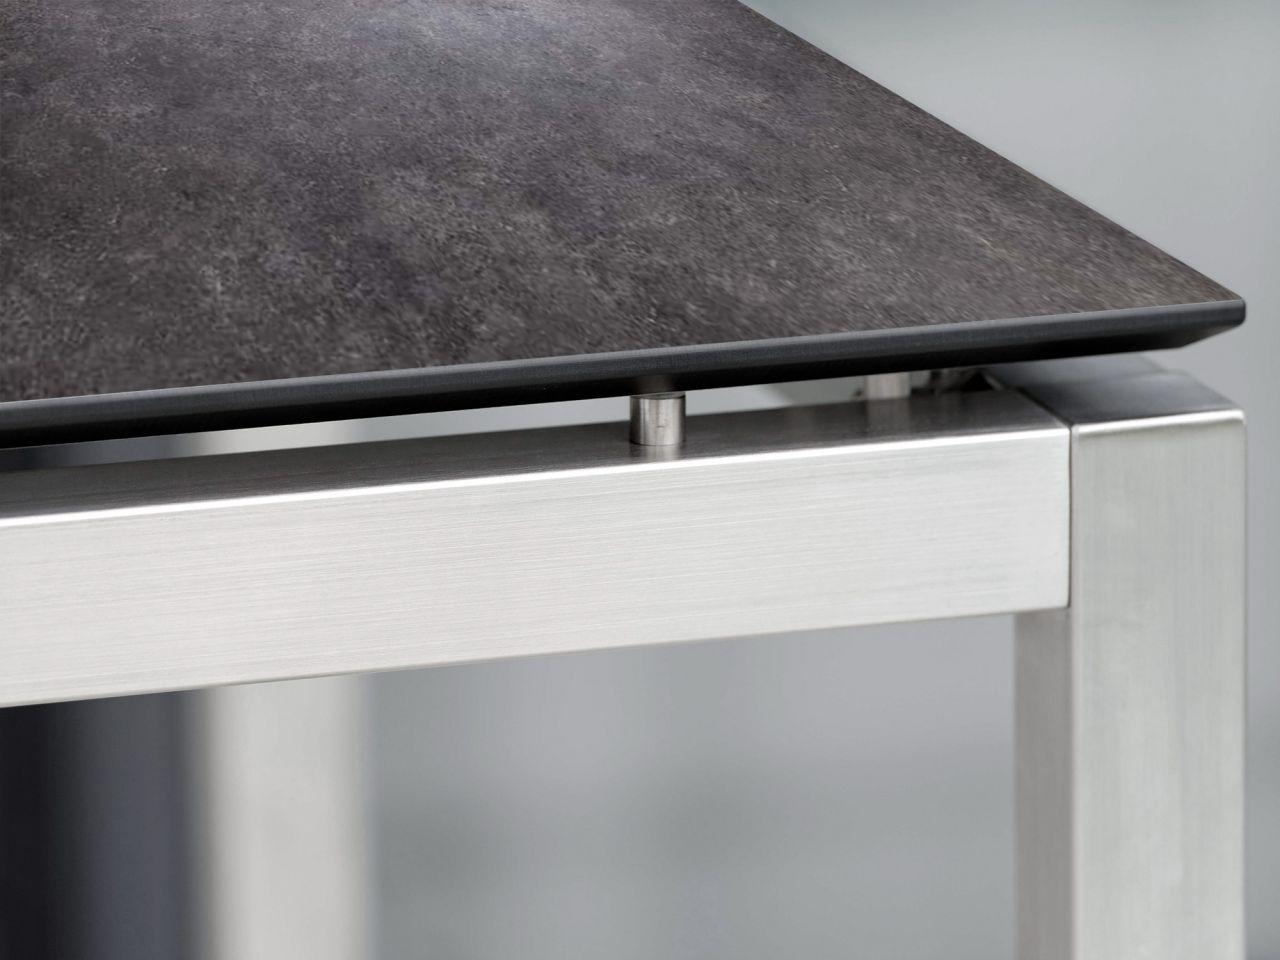 Stern Tisch Edelstahl Vierkantrohr mit Silverstar 2.0 Vintage grau